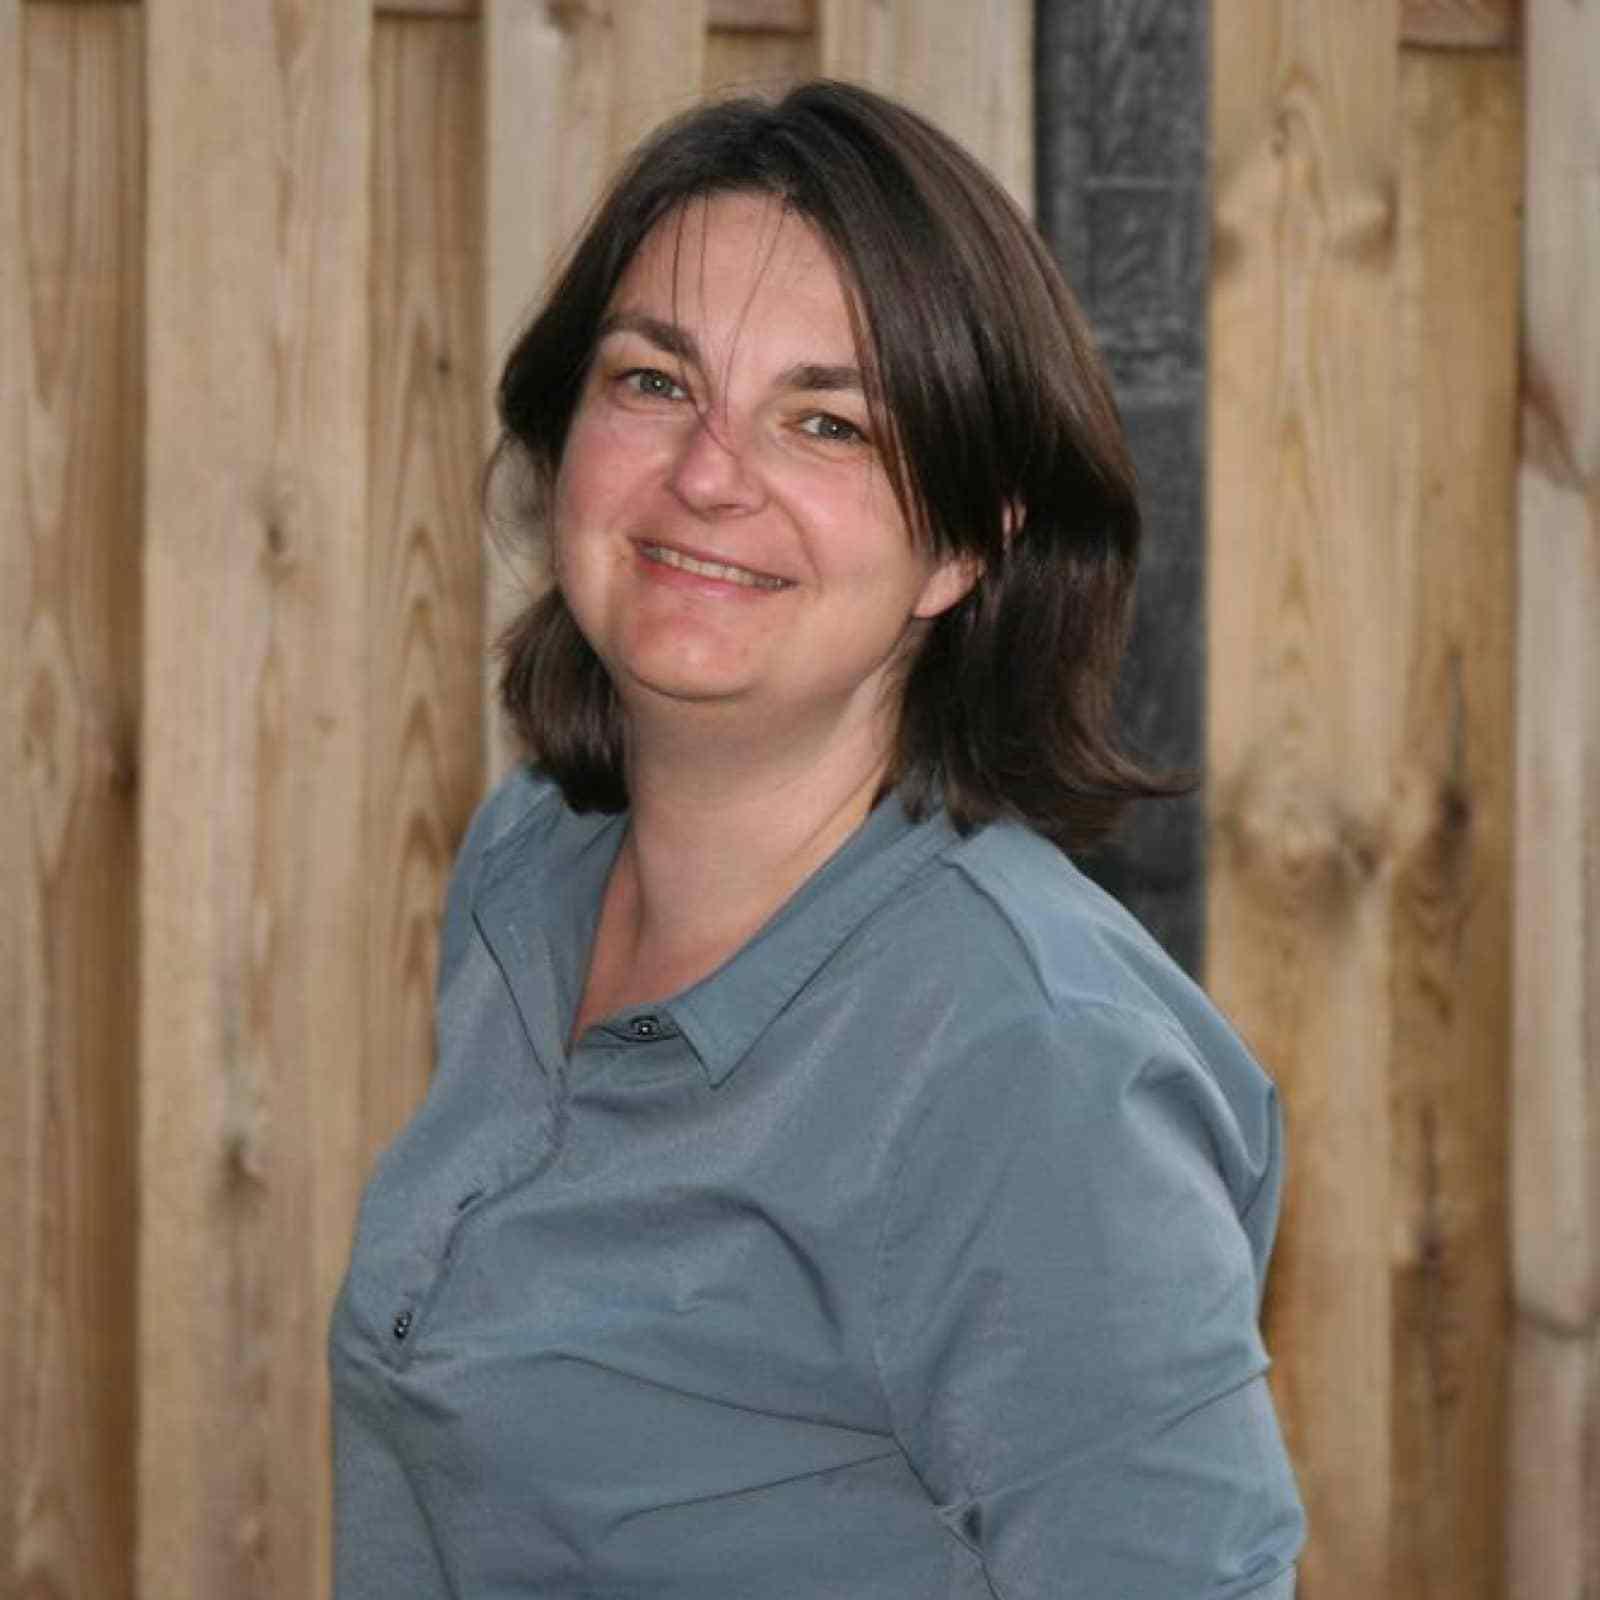 Jo-Ann Kalf - de Graas - Boekhouder in Nootdorp